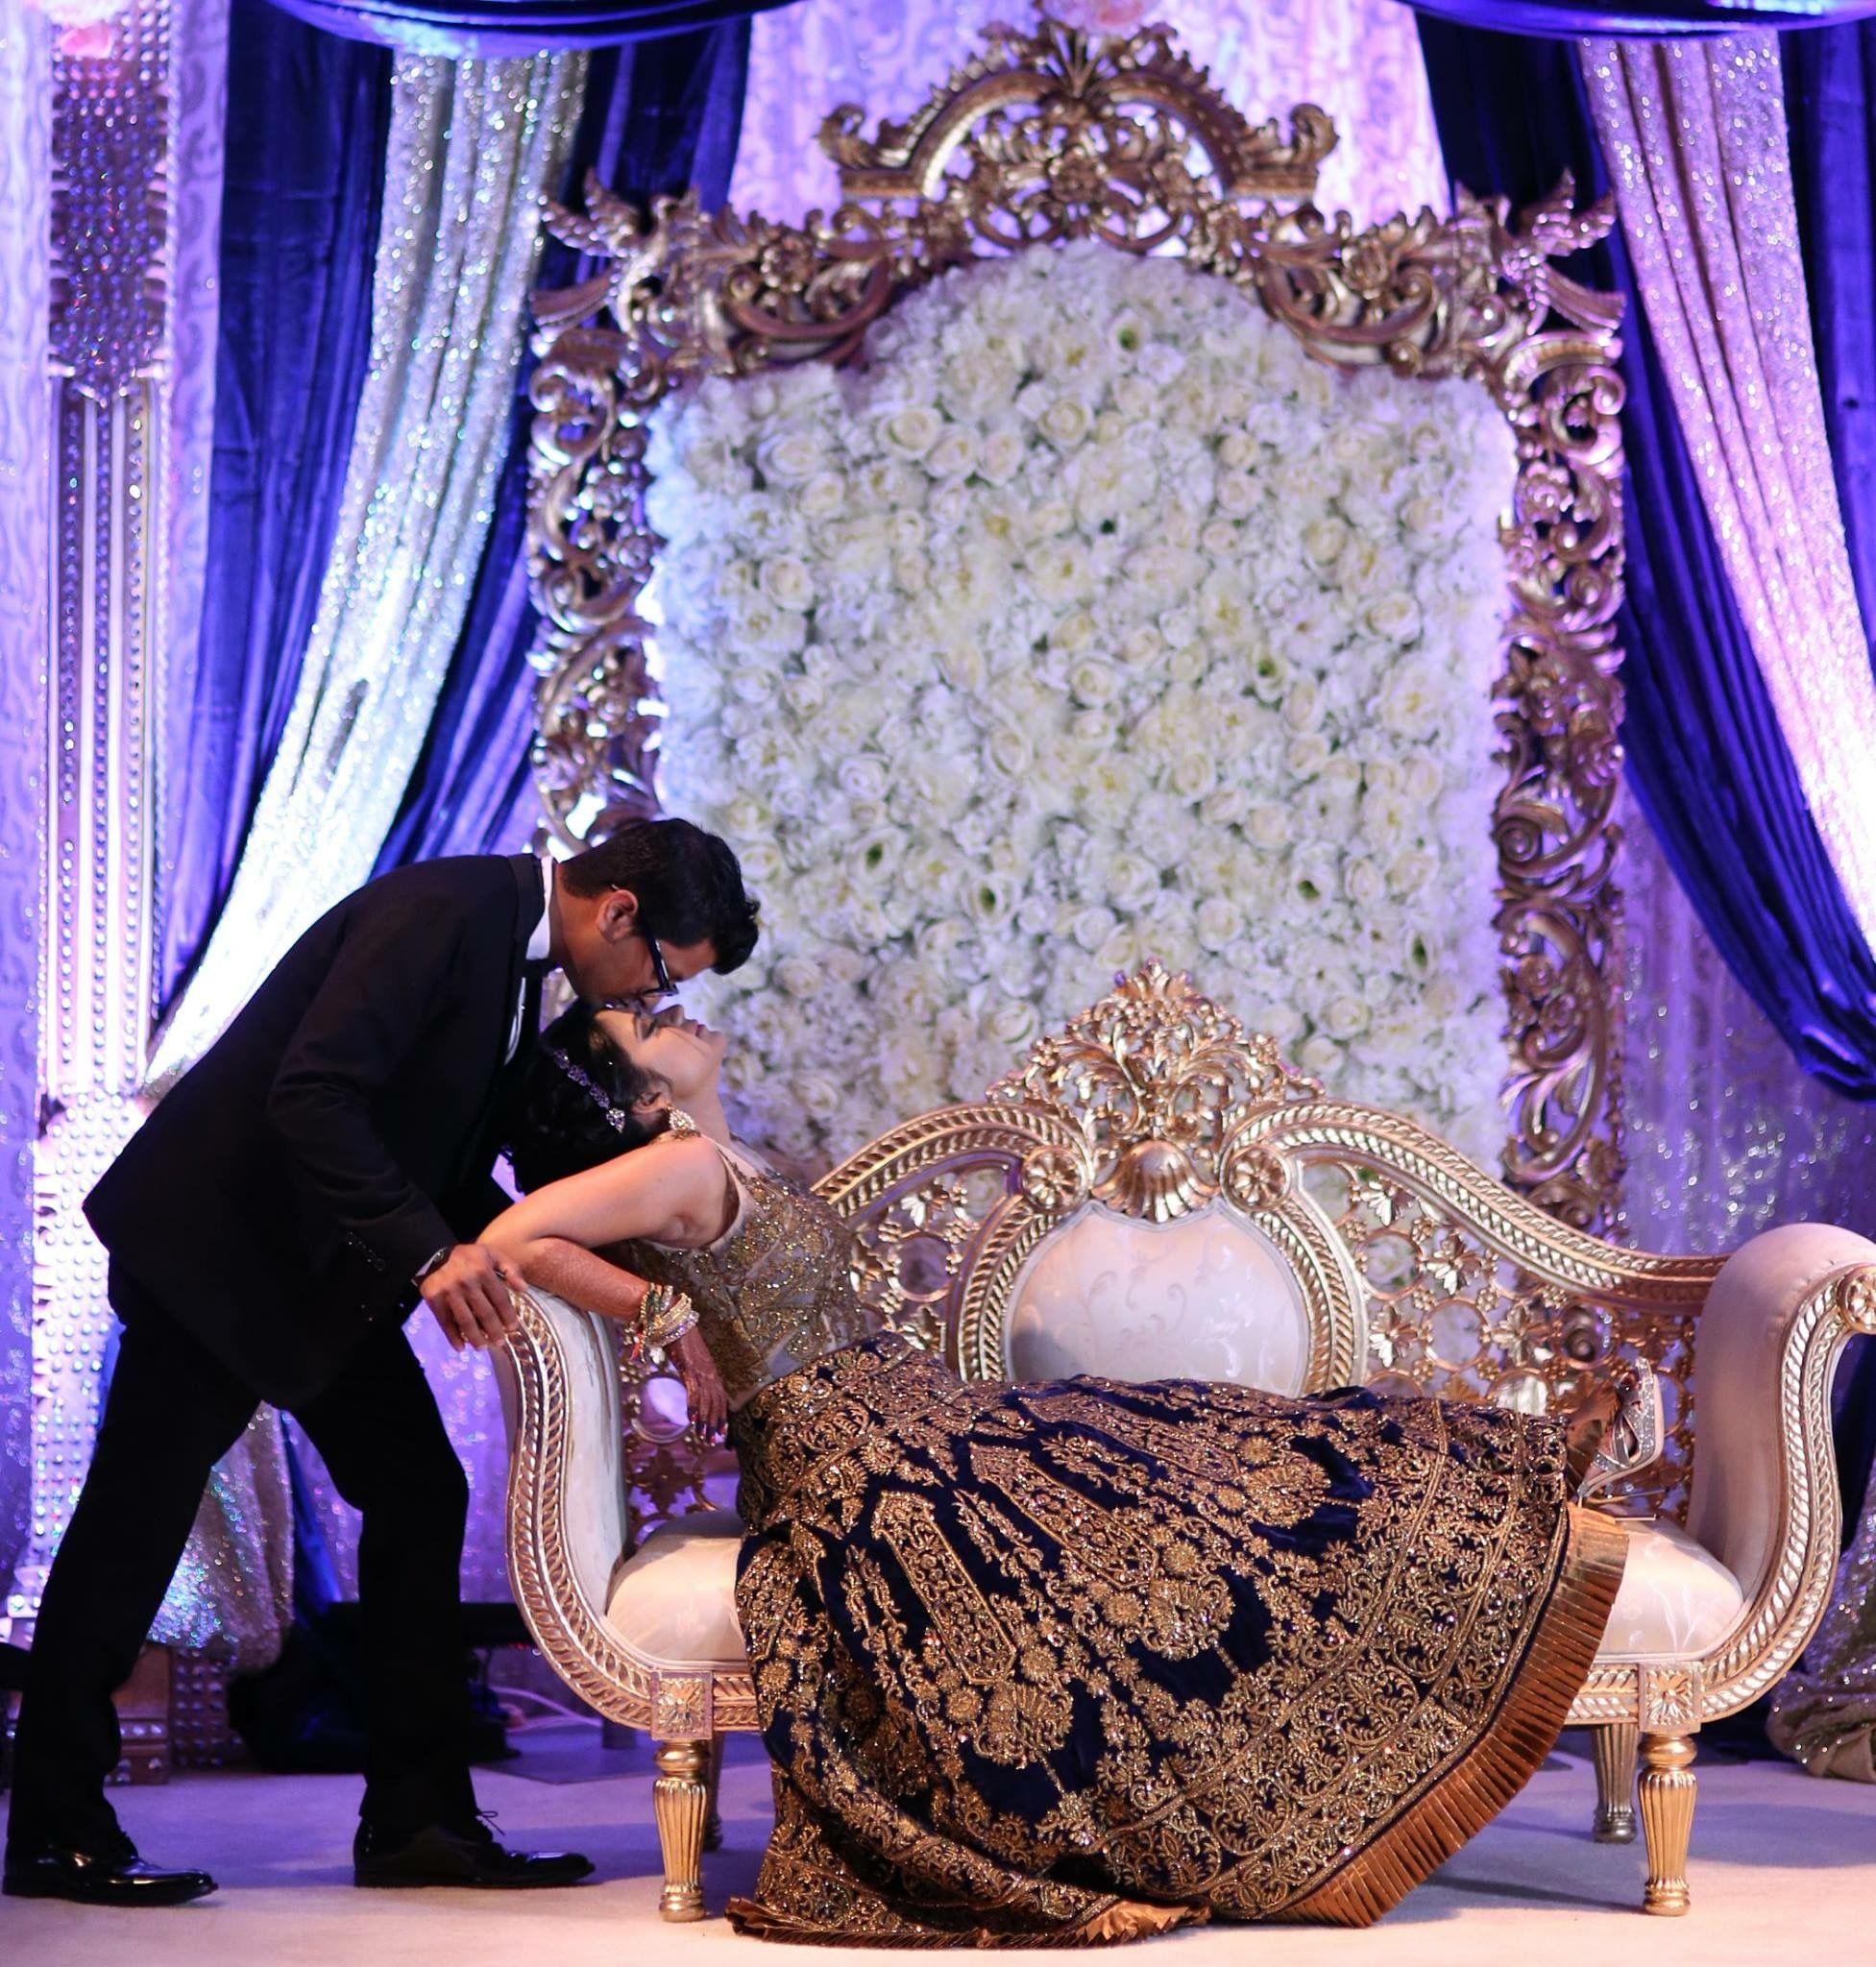 Pin By Isha Singh On Wedding Ideas Pinterest Weddings